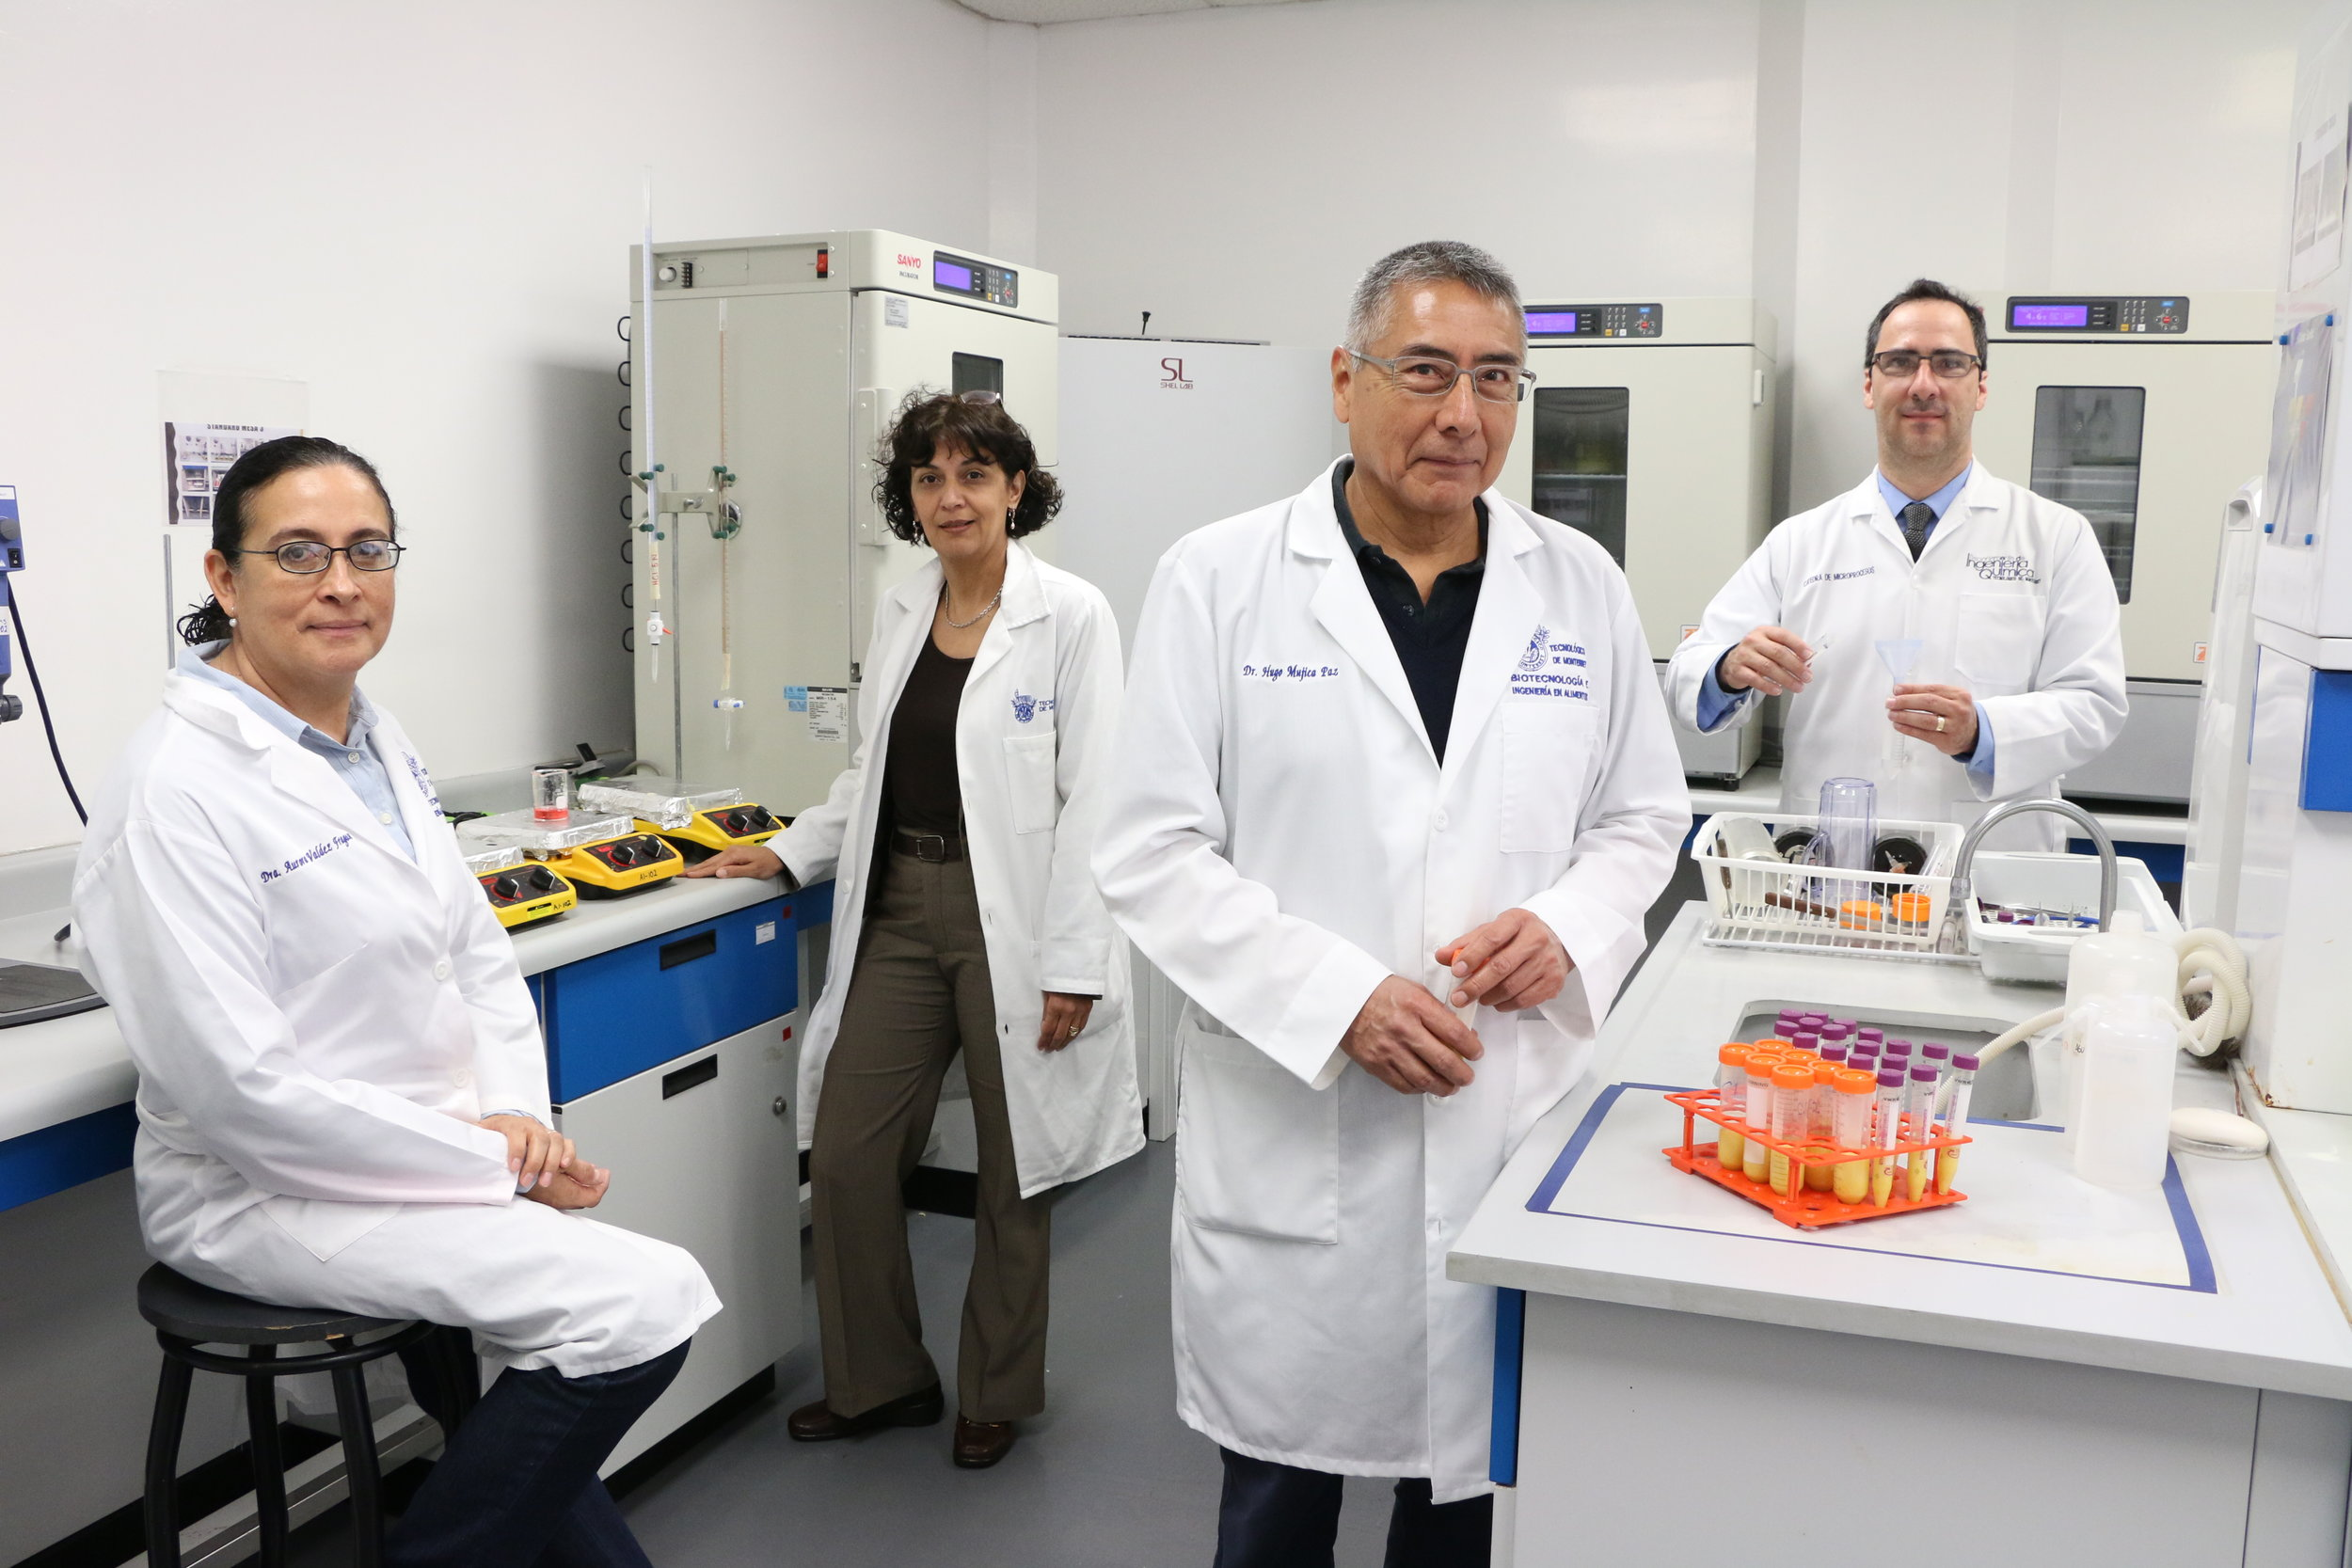 A través de la revista Transferencia Tec, el Tecnológico de Monterrey refrenda su compromiso con la divulgación científica e impulsa los proyectos de investigación que brindan soluciones innovadoras en beneficio de la sociedad. -